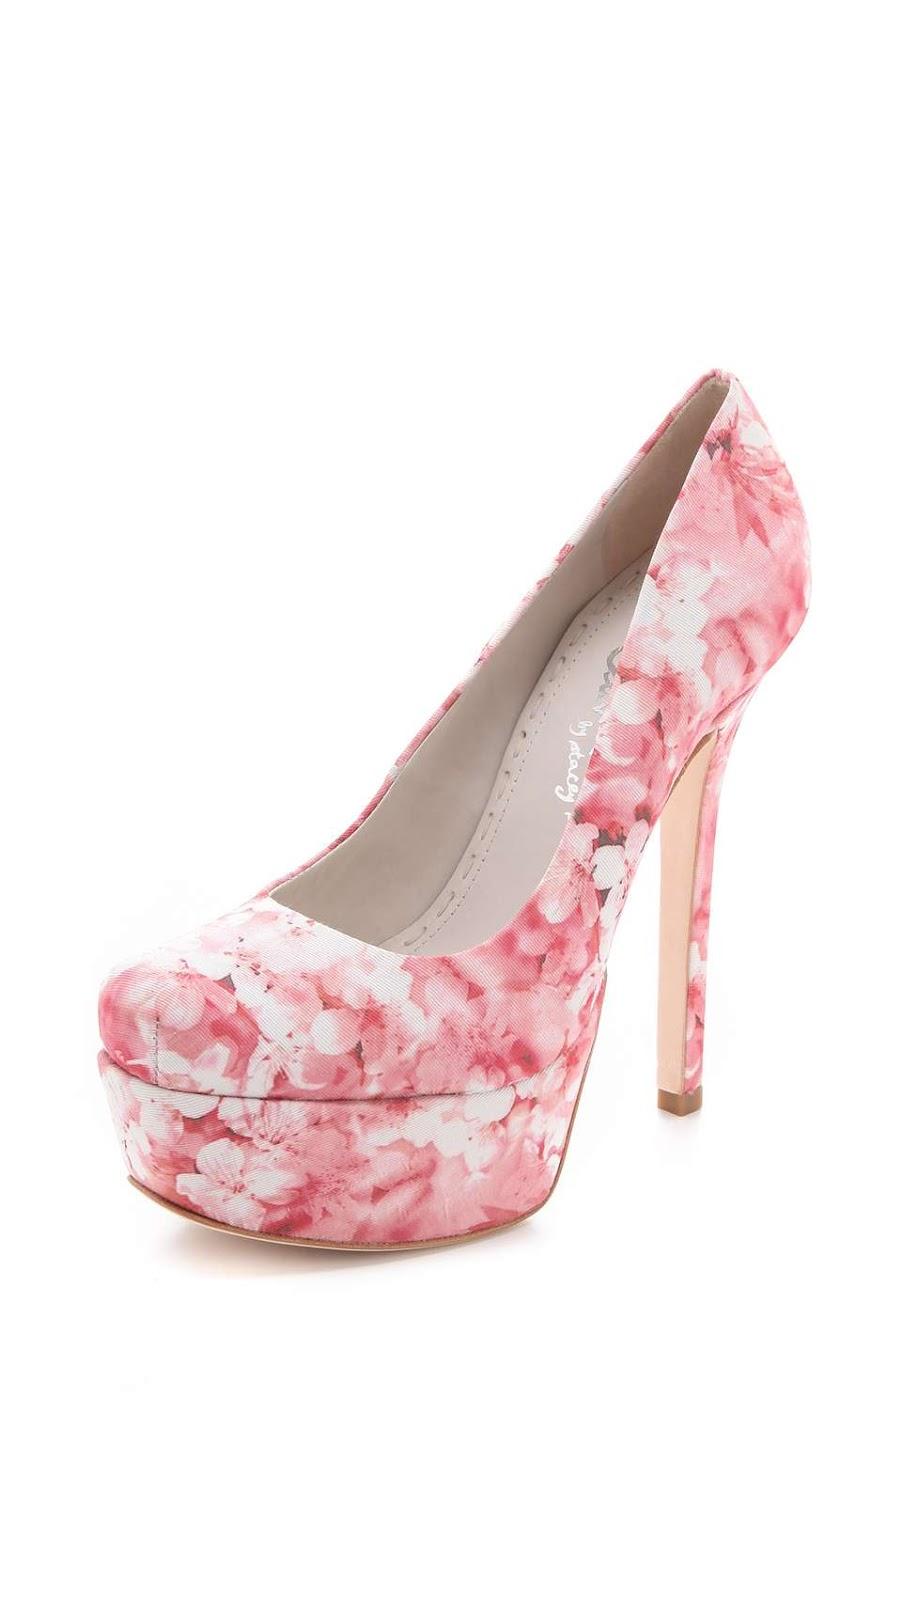 b6a91eb1 Zapatos para ir a un Matrimonio 2017 ¡Lindos Diseños!   Zapatos ...